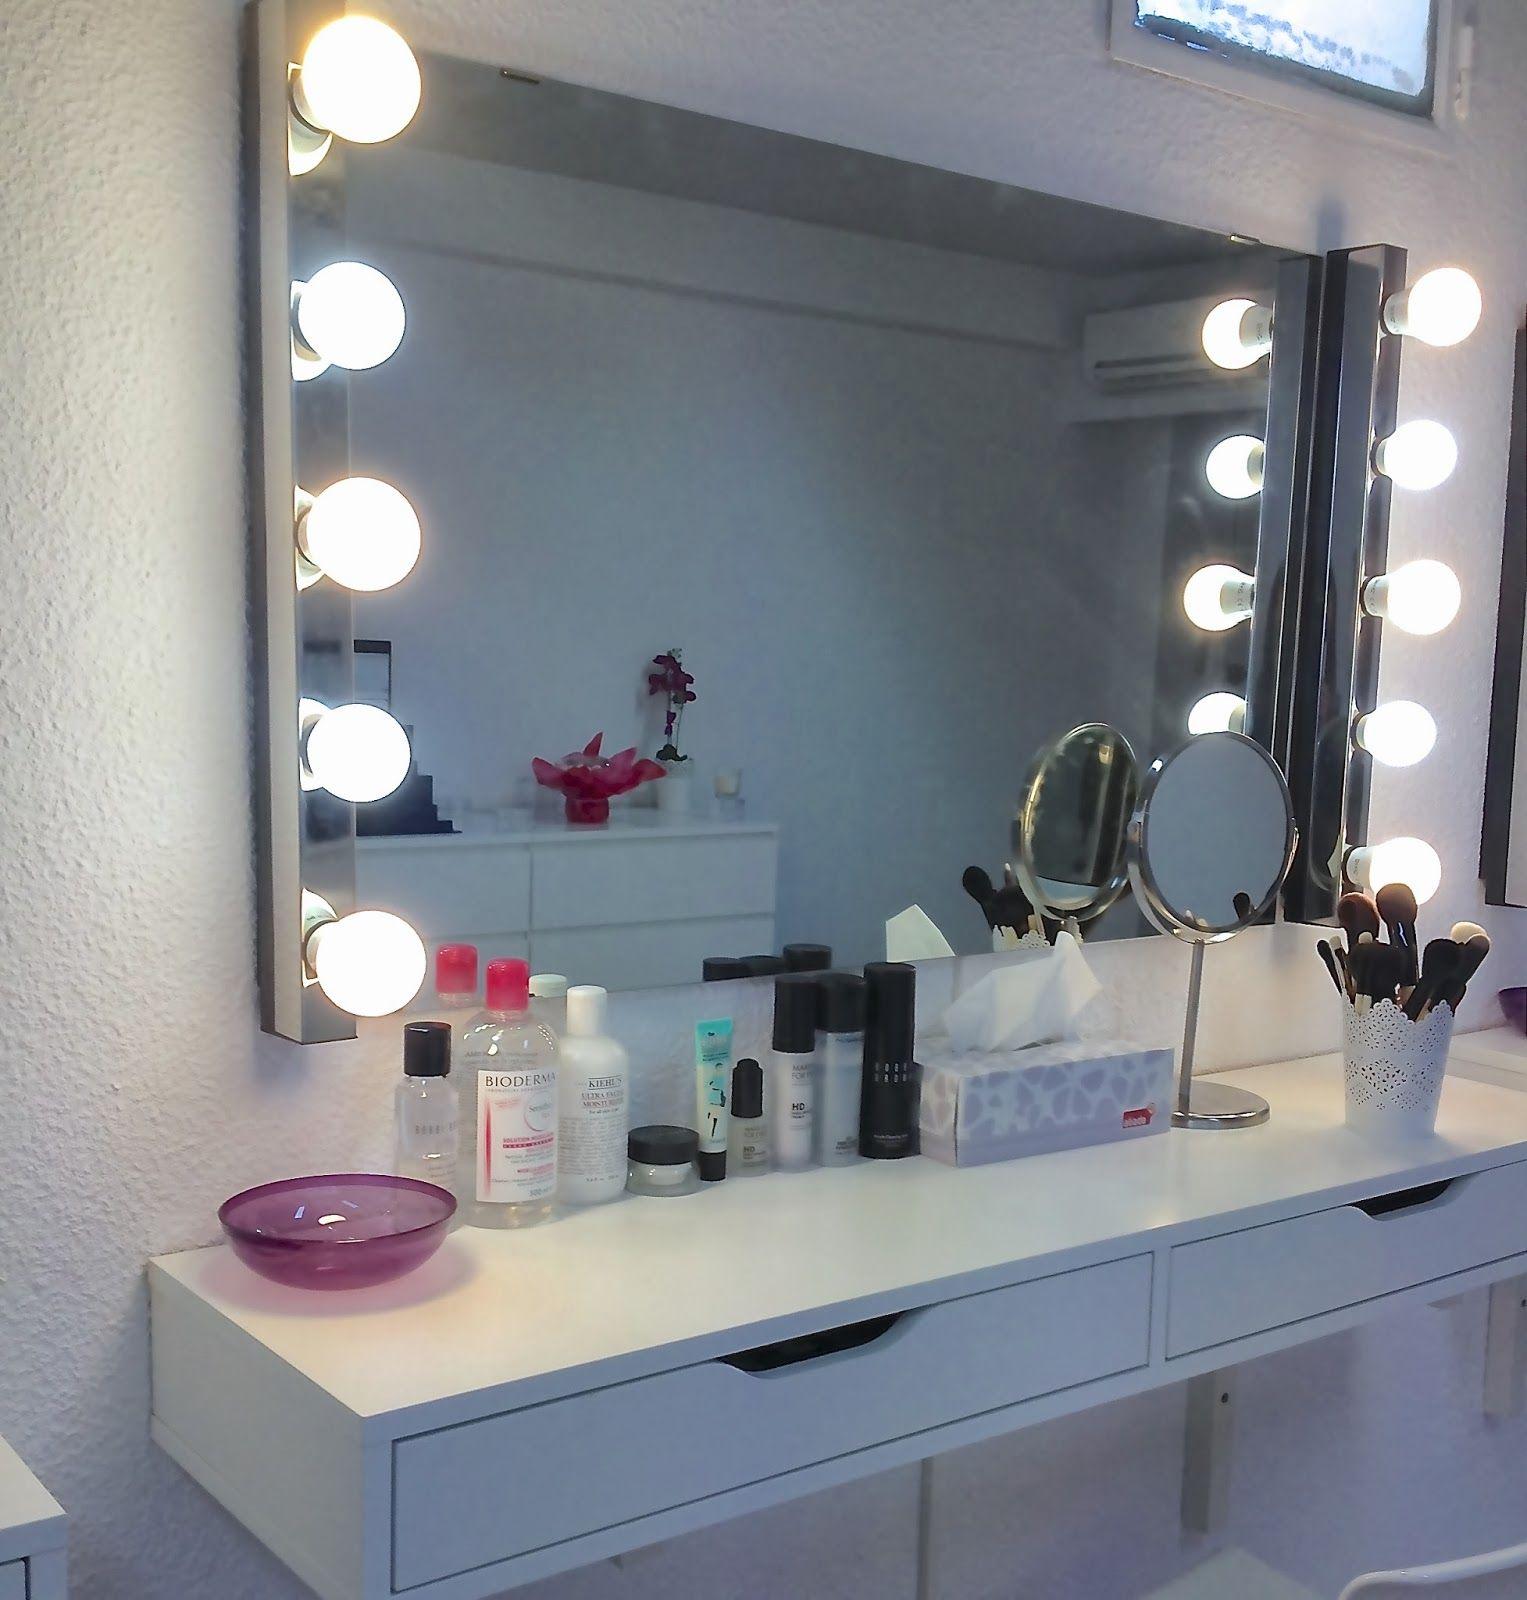 Clase de eficiencia energ/ética A+ Jjwwhh L/ámpara LED de Espejo L/ámpara de Espejo Aplique Luz para Espejo Muebles de Maquillaje Aparato Montado en la Pared Impermeable IP44